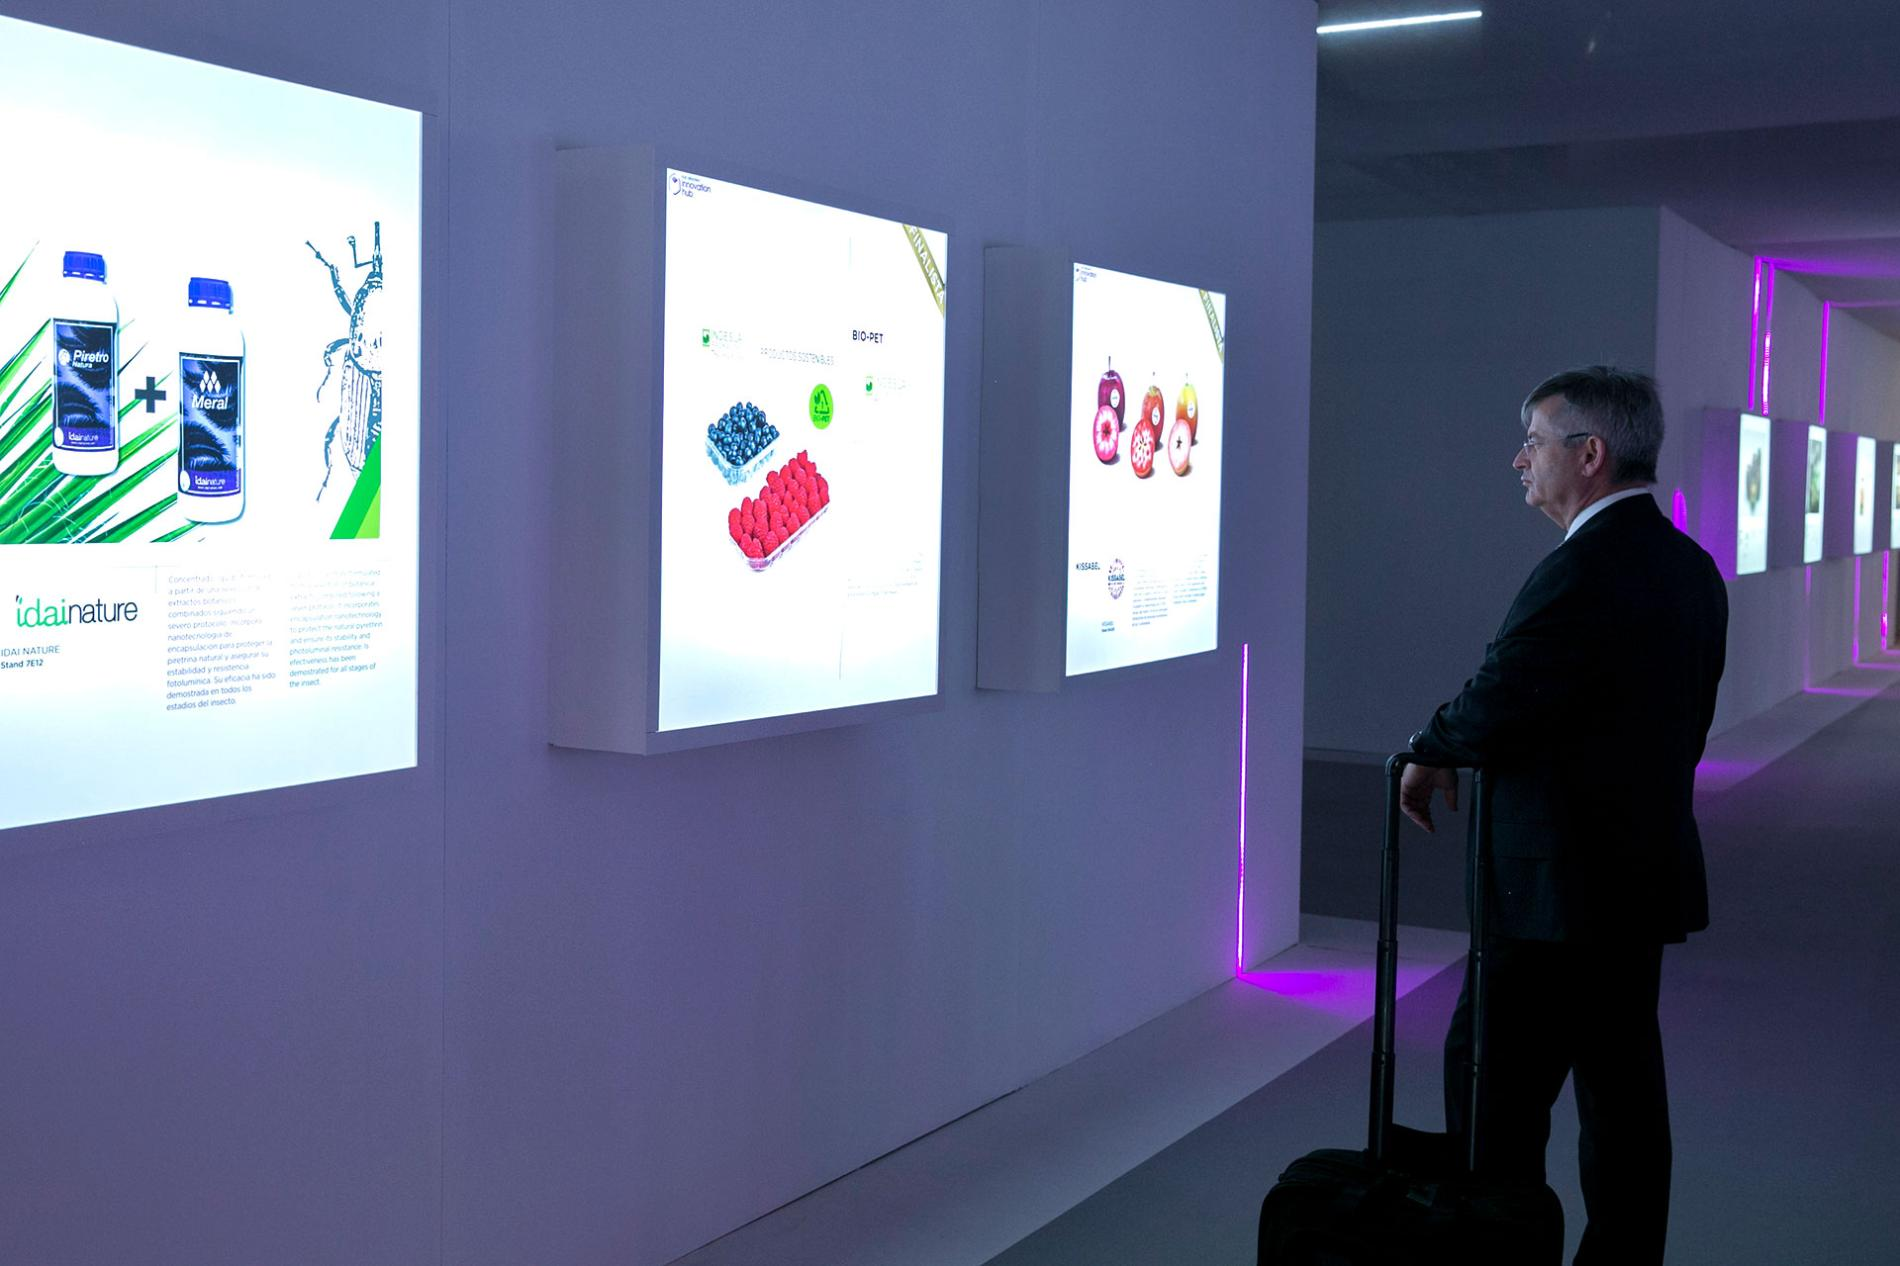 Visitor observing information panels